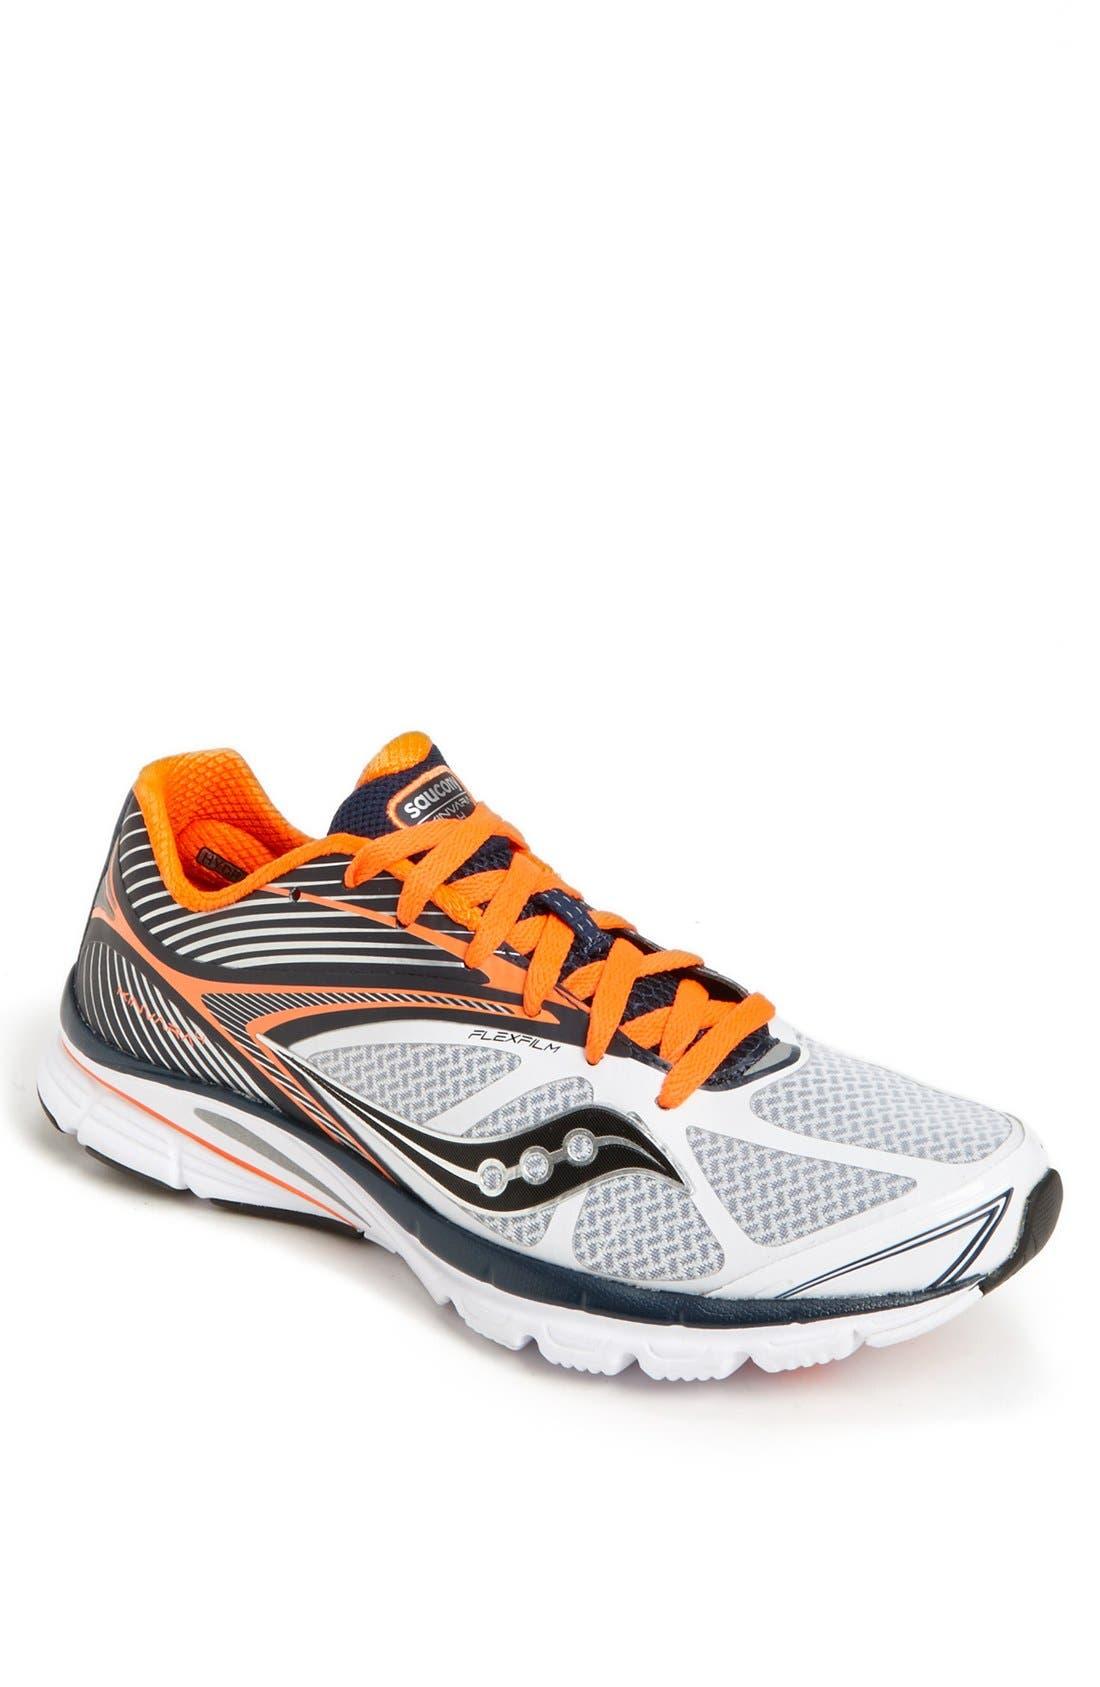 Main Image - Saucony 'Kinvara 4' Running Shoe (Men)